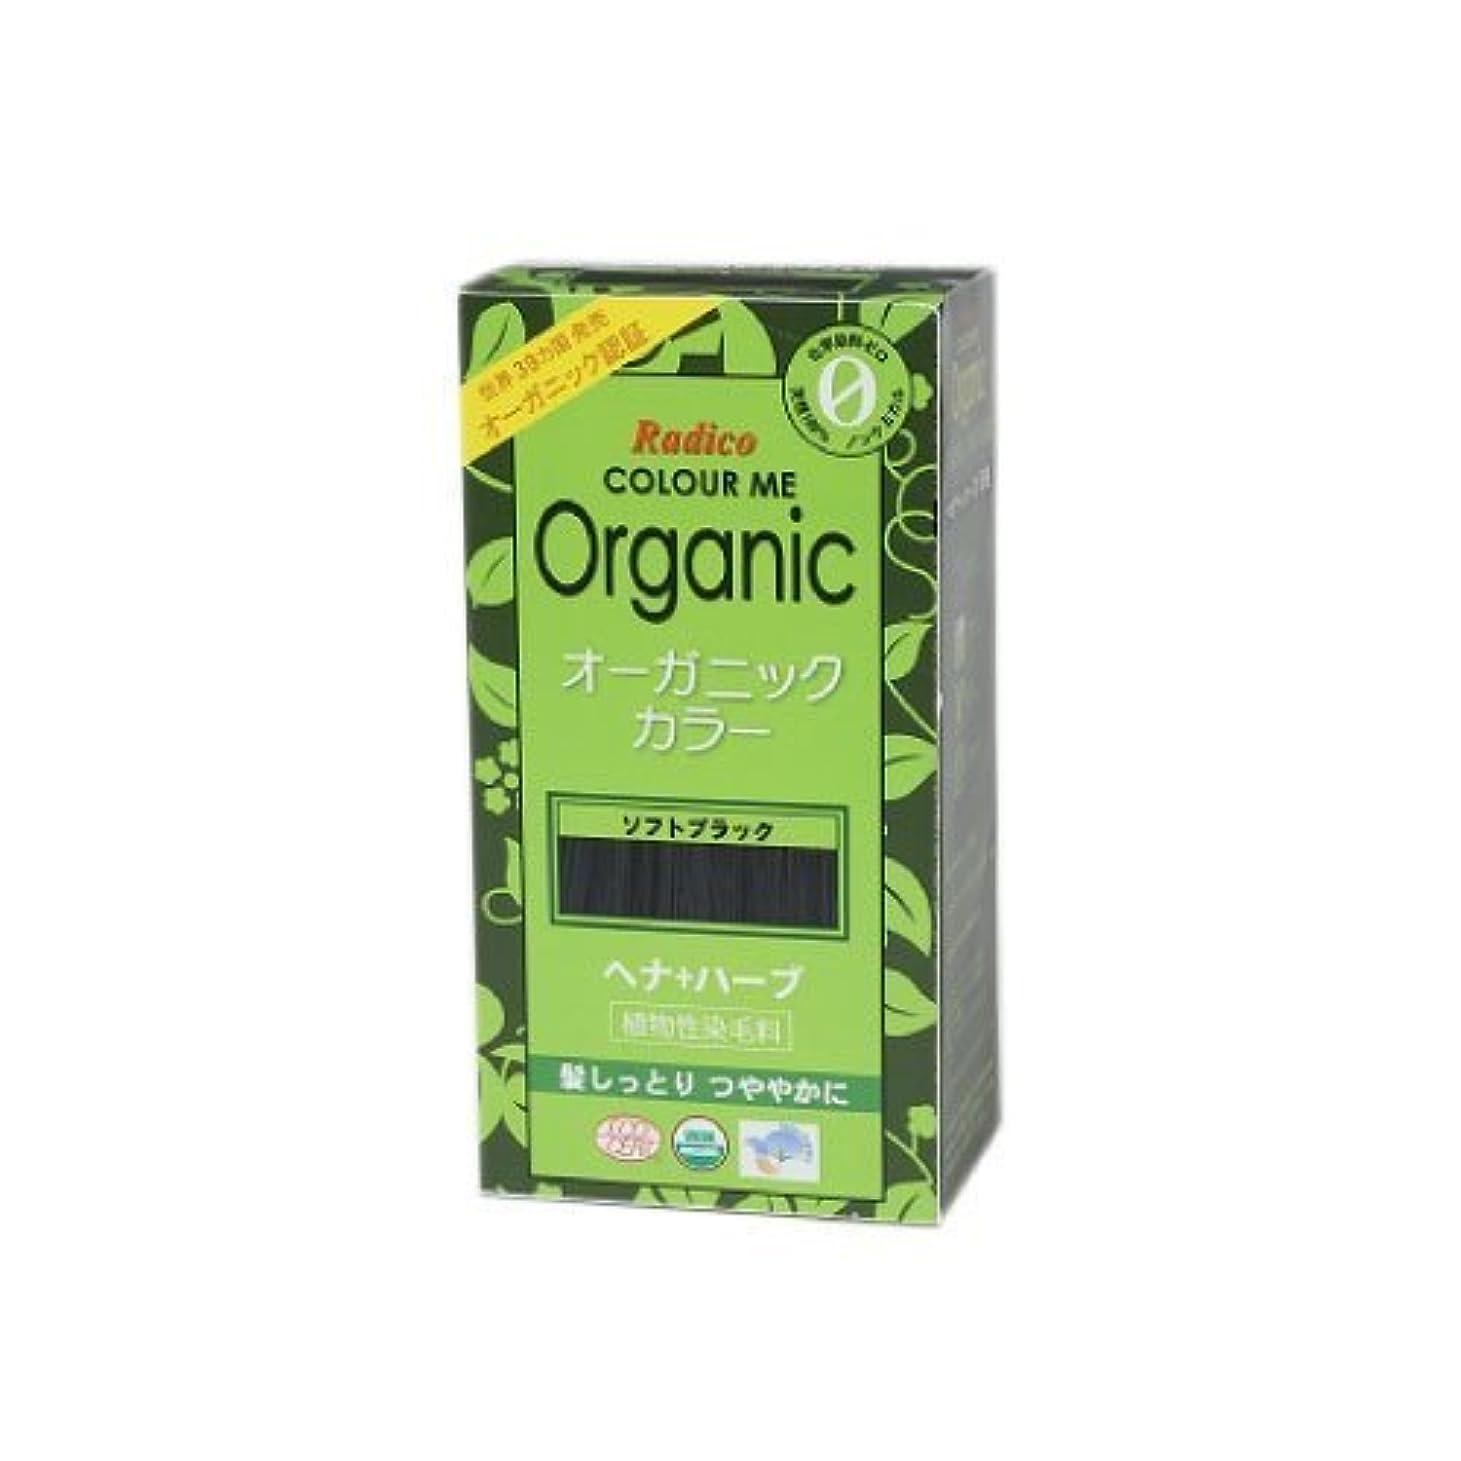 化粧肉の銃COLOURME Organic (カラーミーオーガニック ヘナ 白髪用 髪色戻し) ソフトブラック 100g